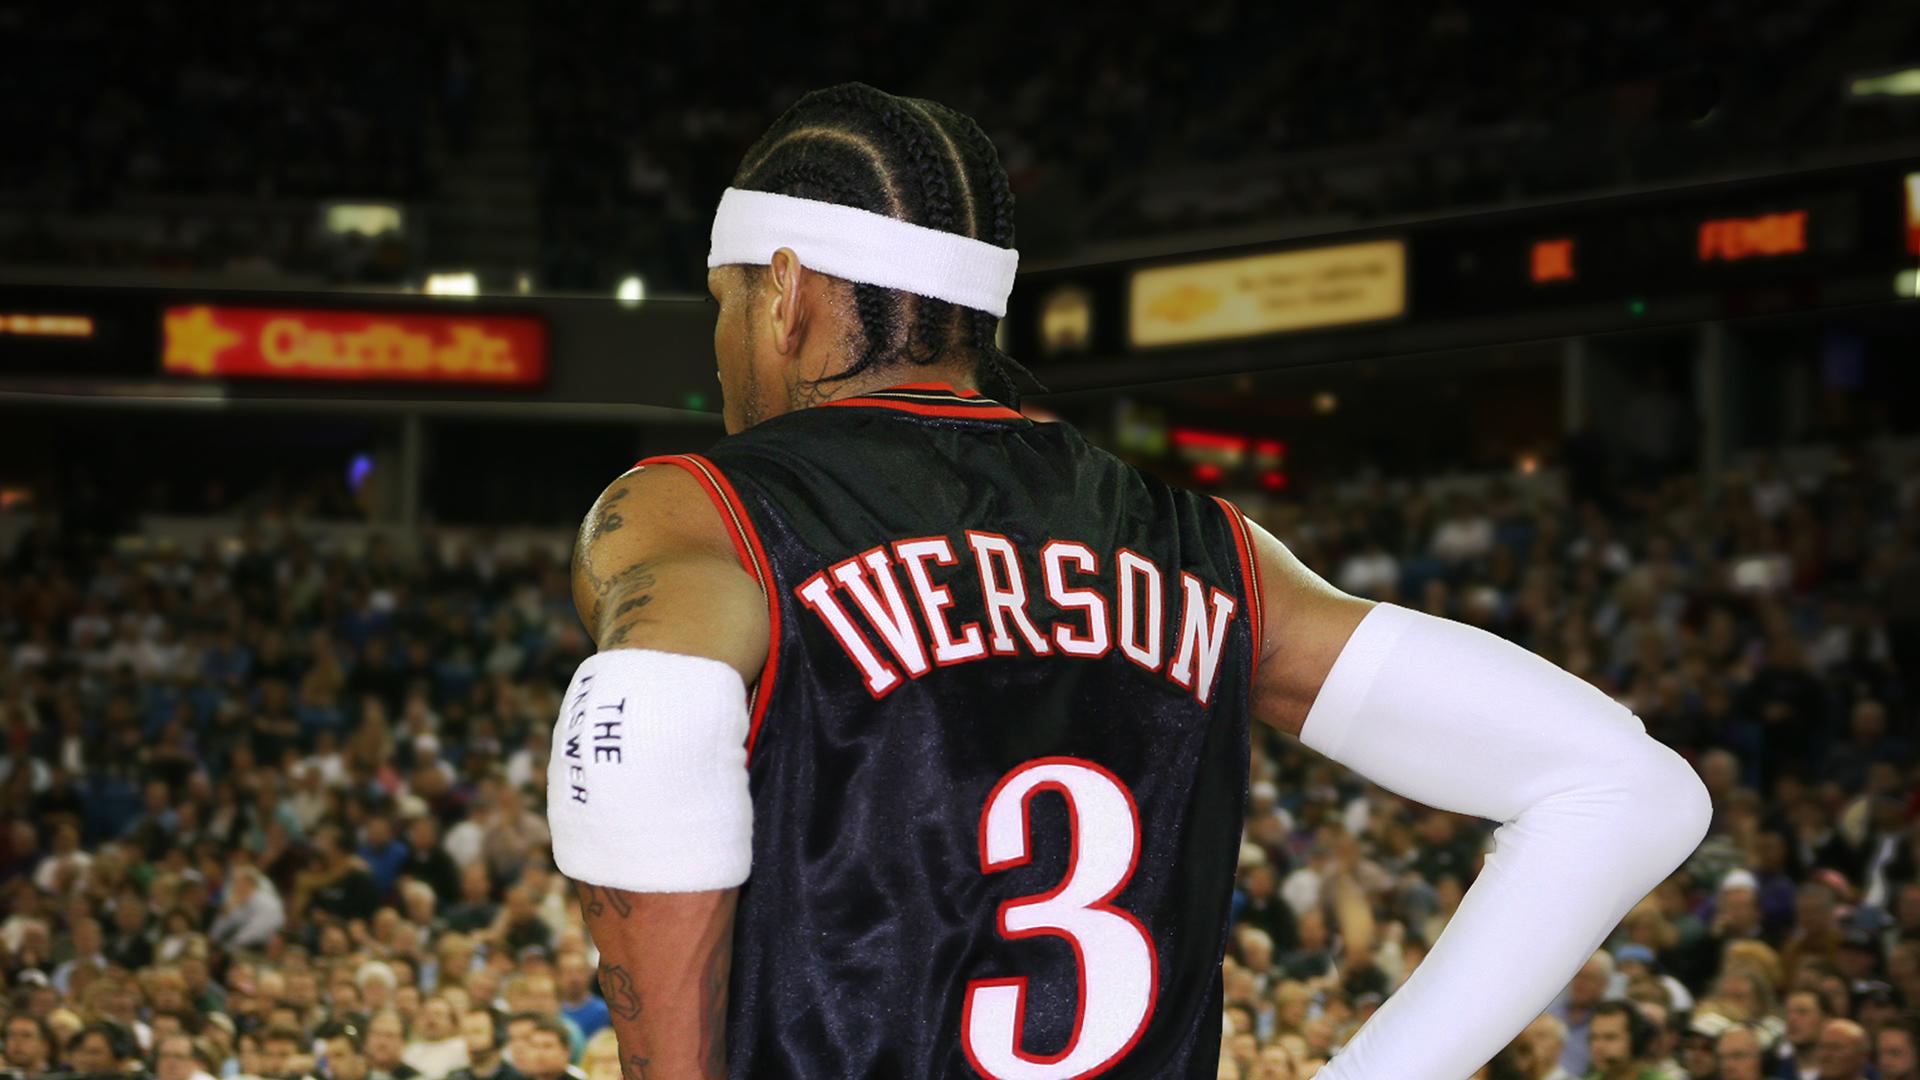 Iverson nba